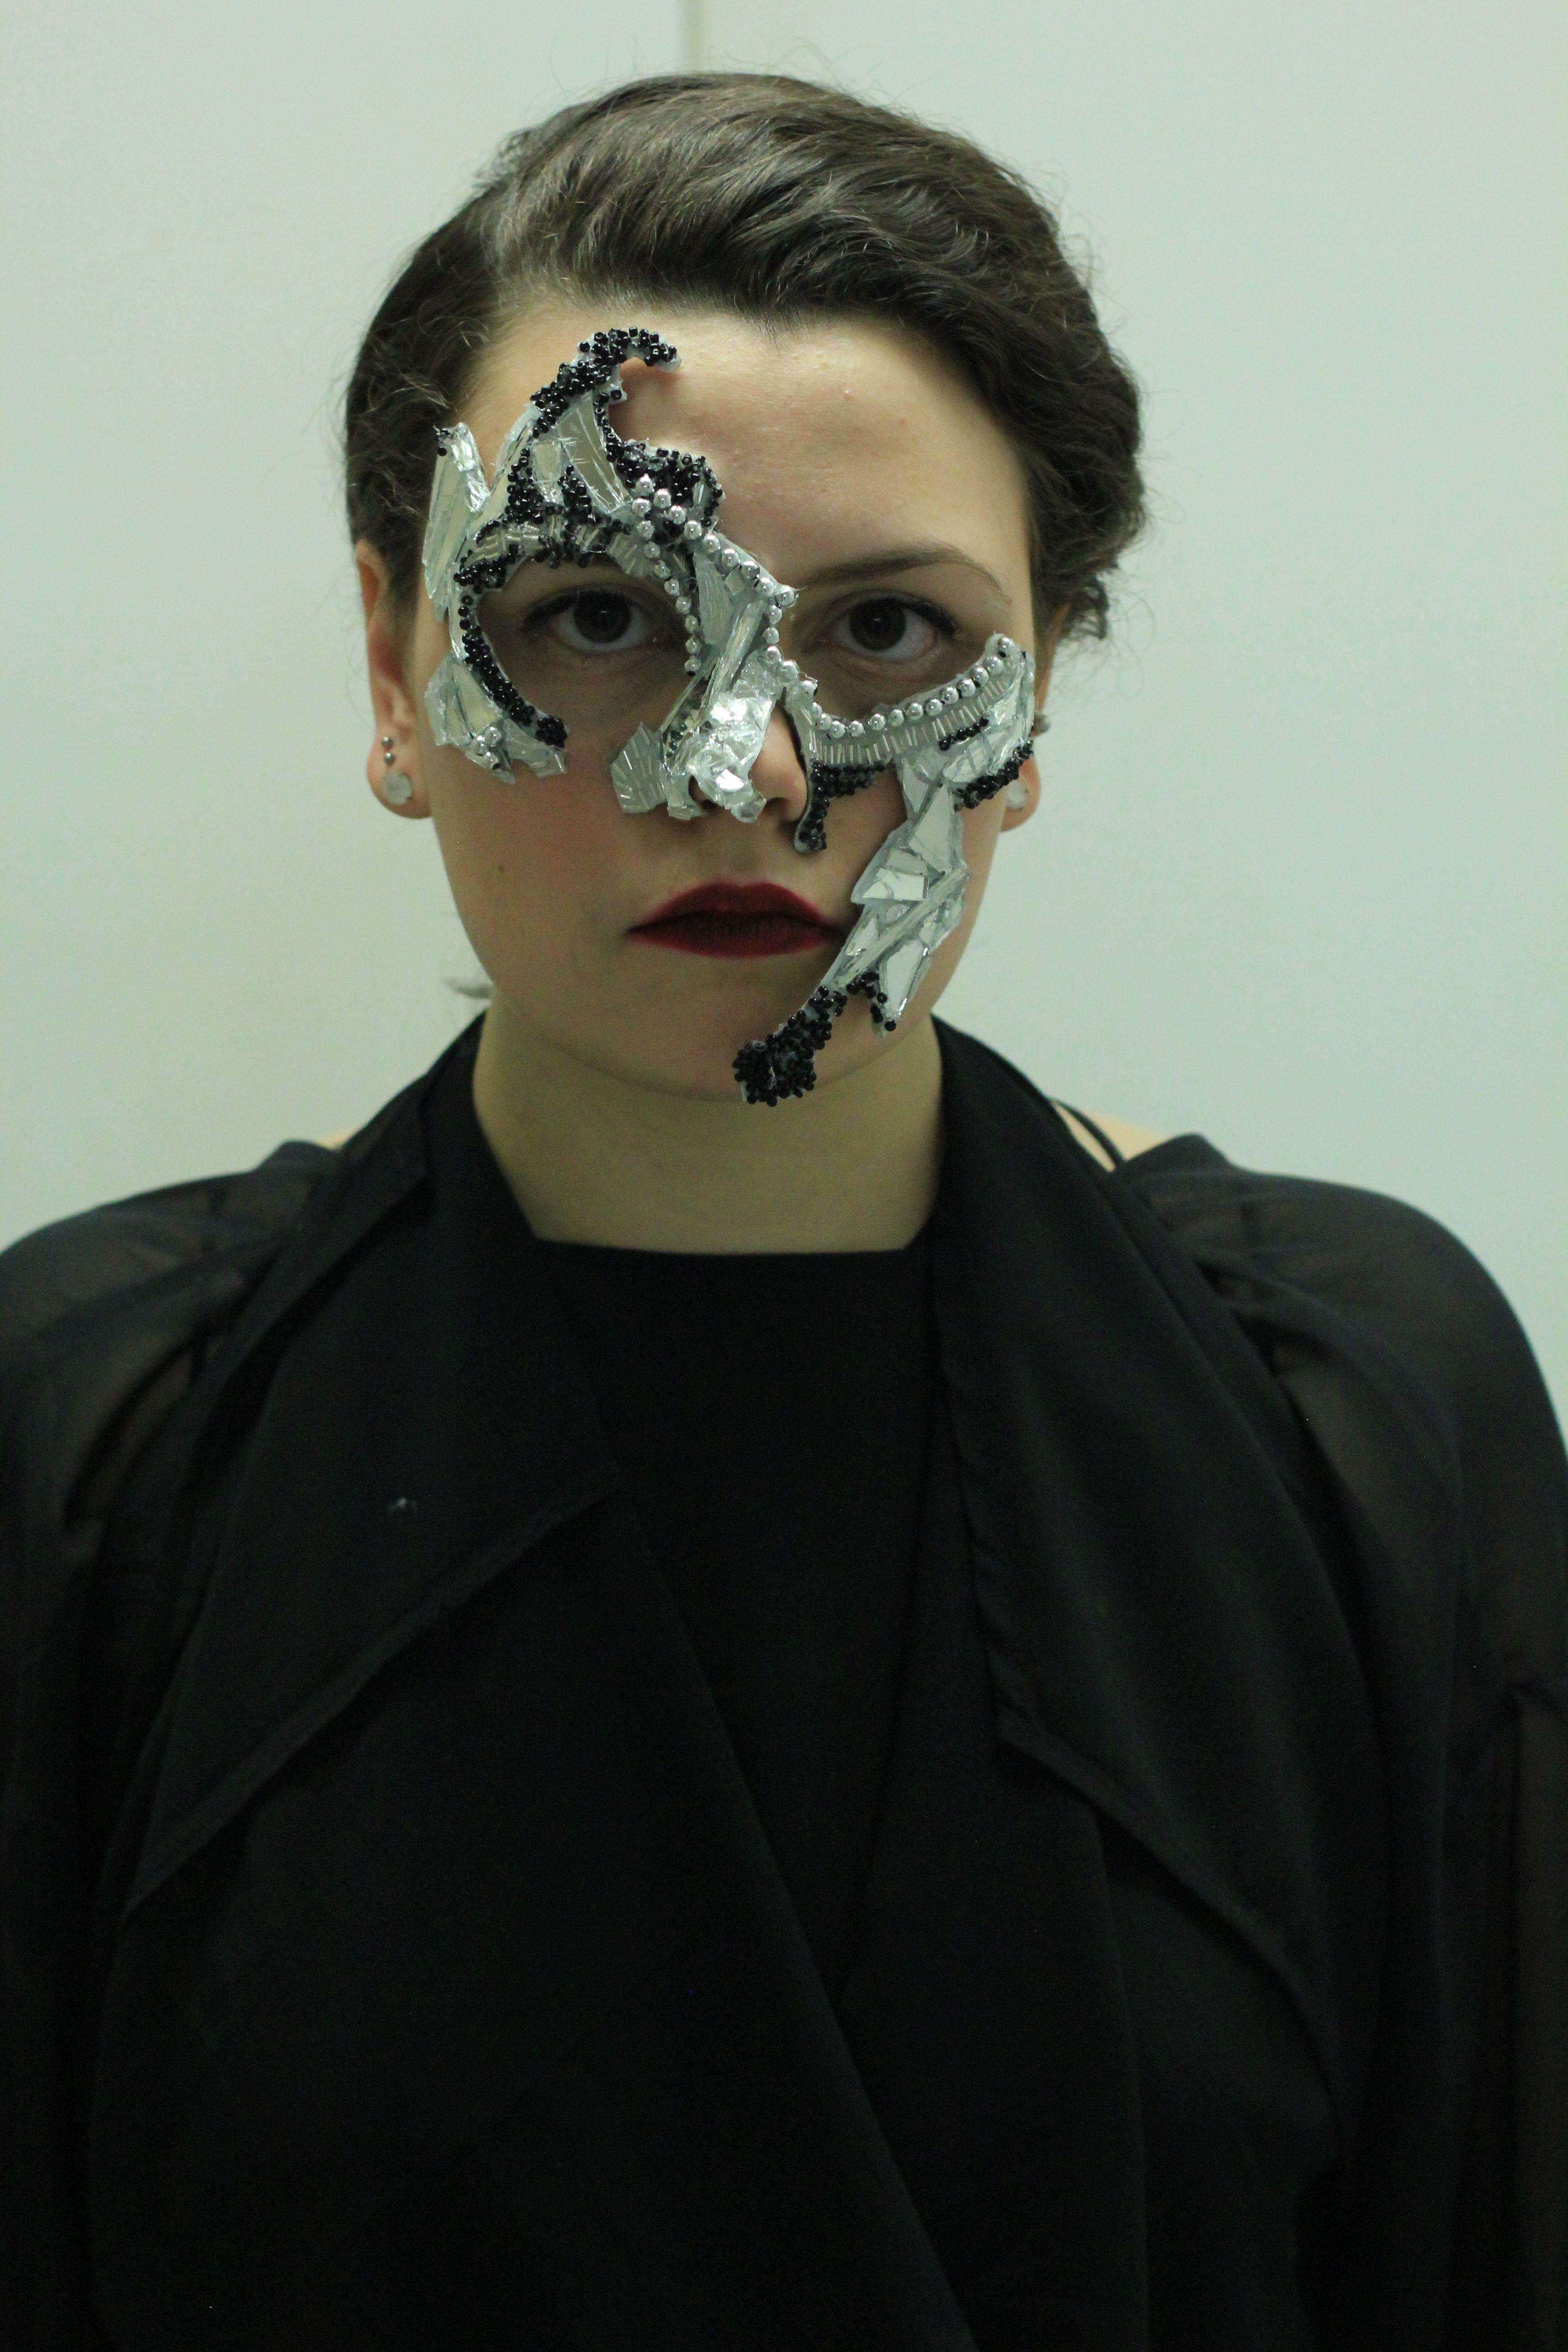 Mirror Mask Detail, Spring 2014